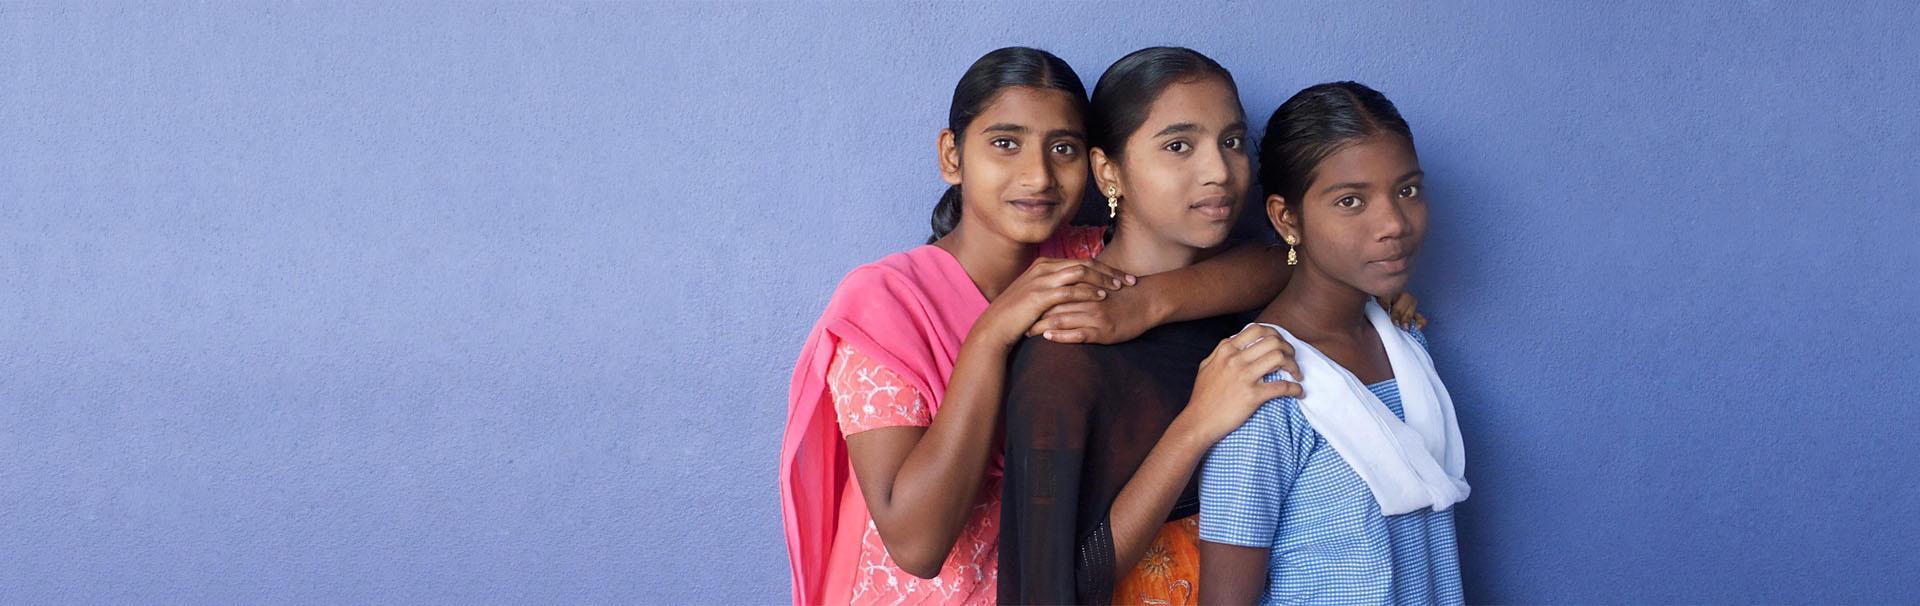 trois filles indiennes souriantes